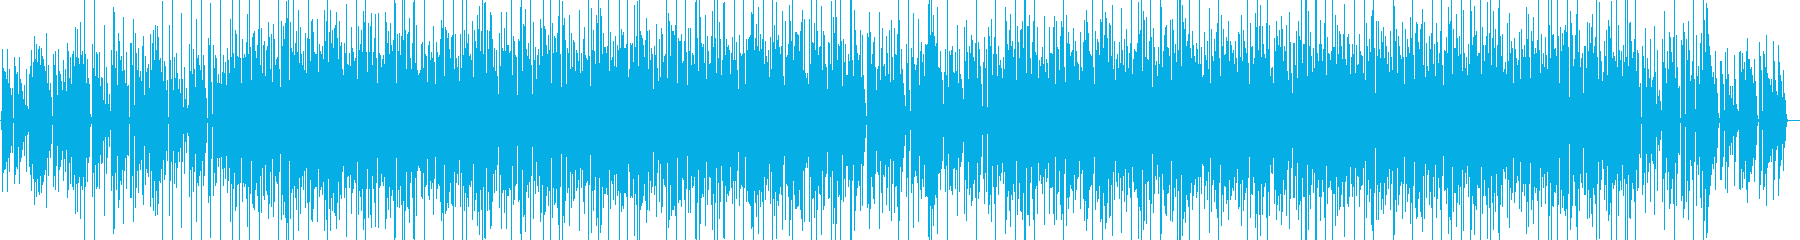 浮かぶイメージピアノ中心のお洒落な癒し曲の再生済みの波形